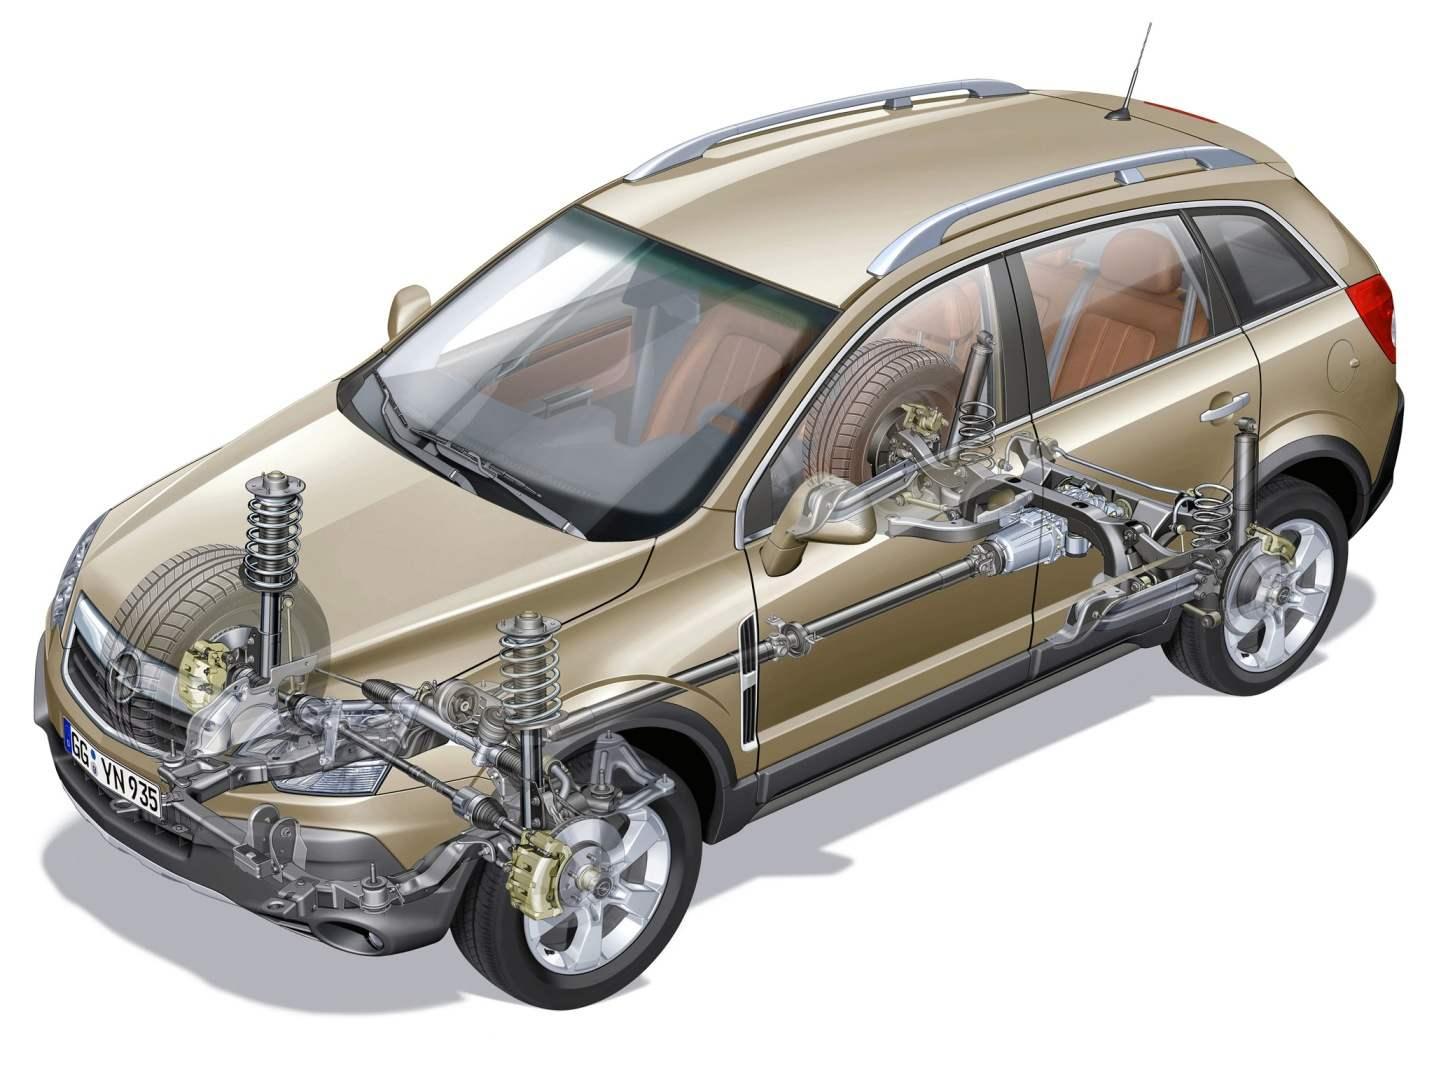 Полноприводной Opel Antara — типичный кроссовер, который прекрасно ведет себя лишь на шоссе и на достаточно ровной грунтовке